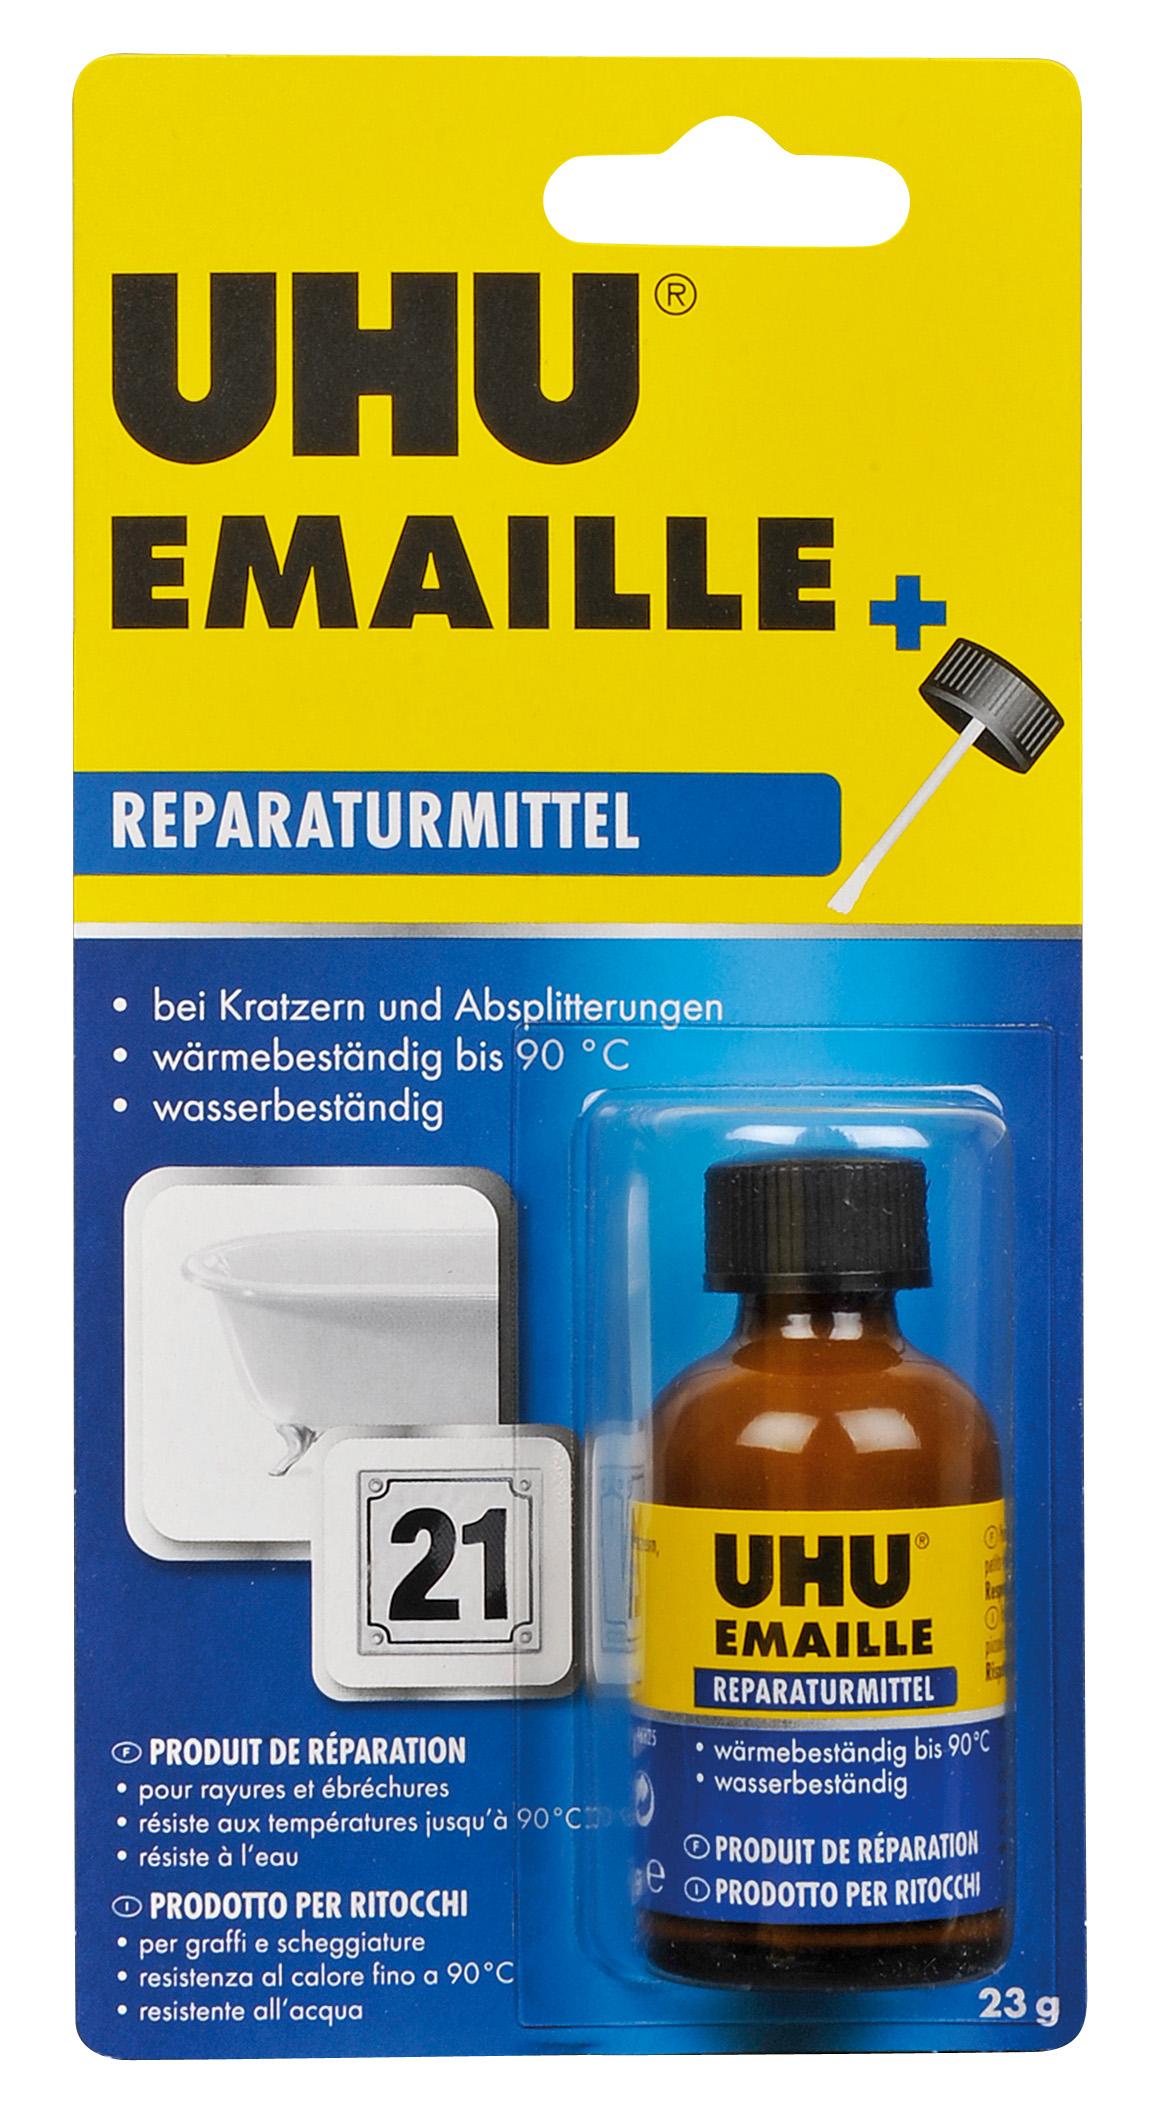 Vorschau: UHU Emaille 23g Flasche Infokarte